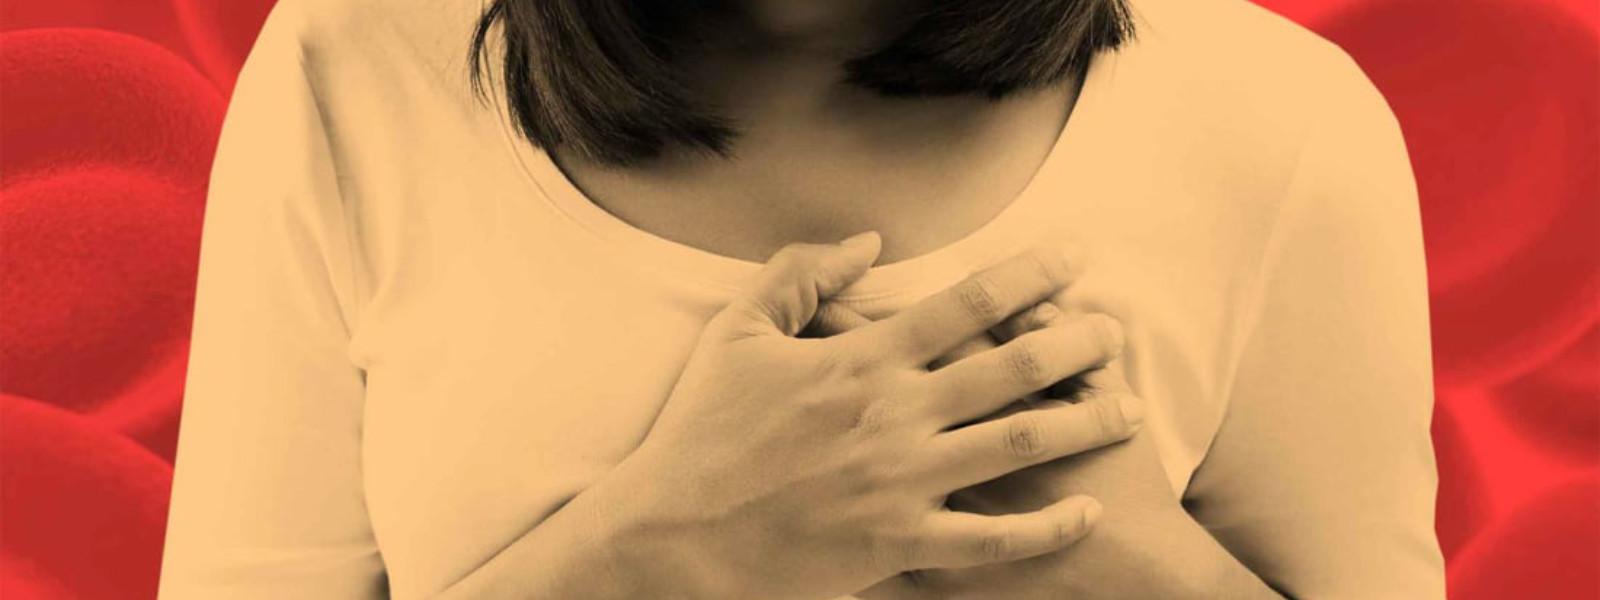 Desconhecimento dos sintomas impede diagnóstico da anemia